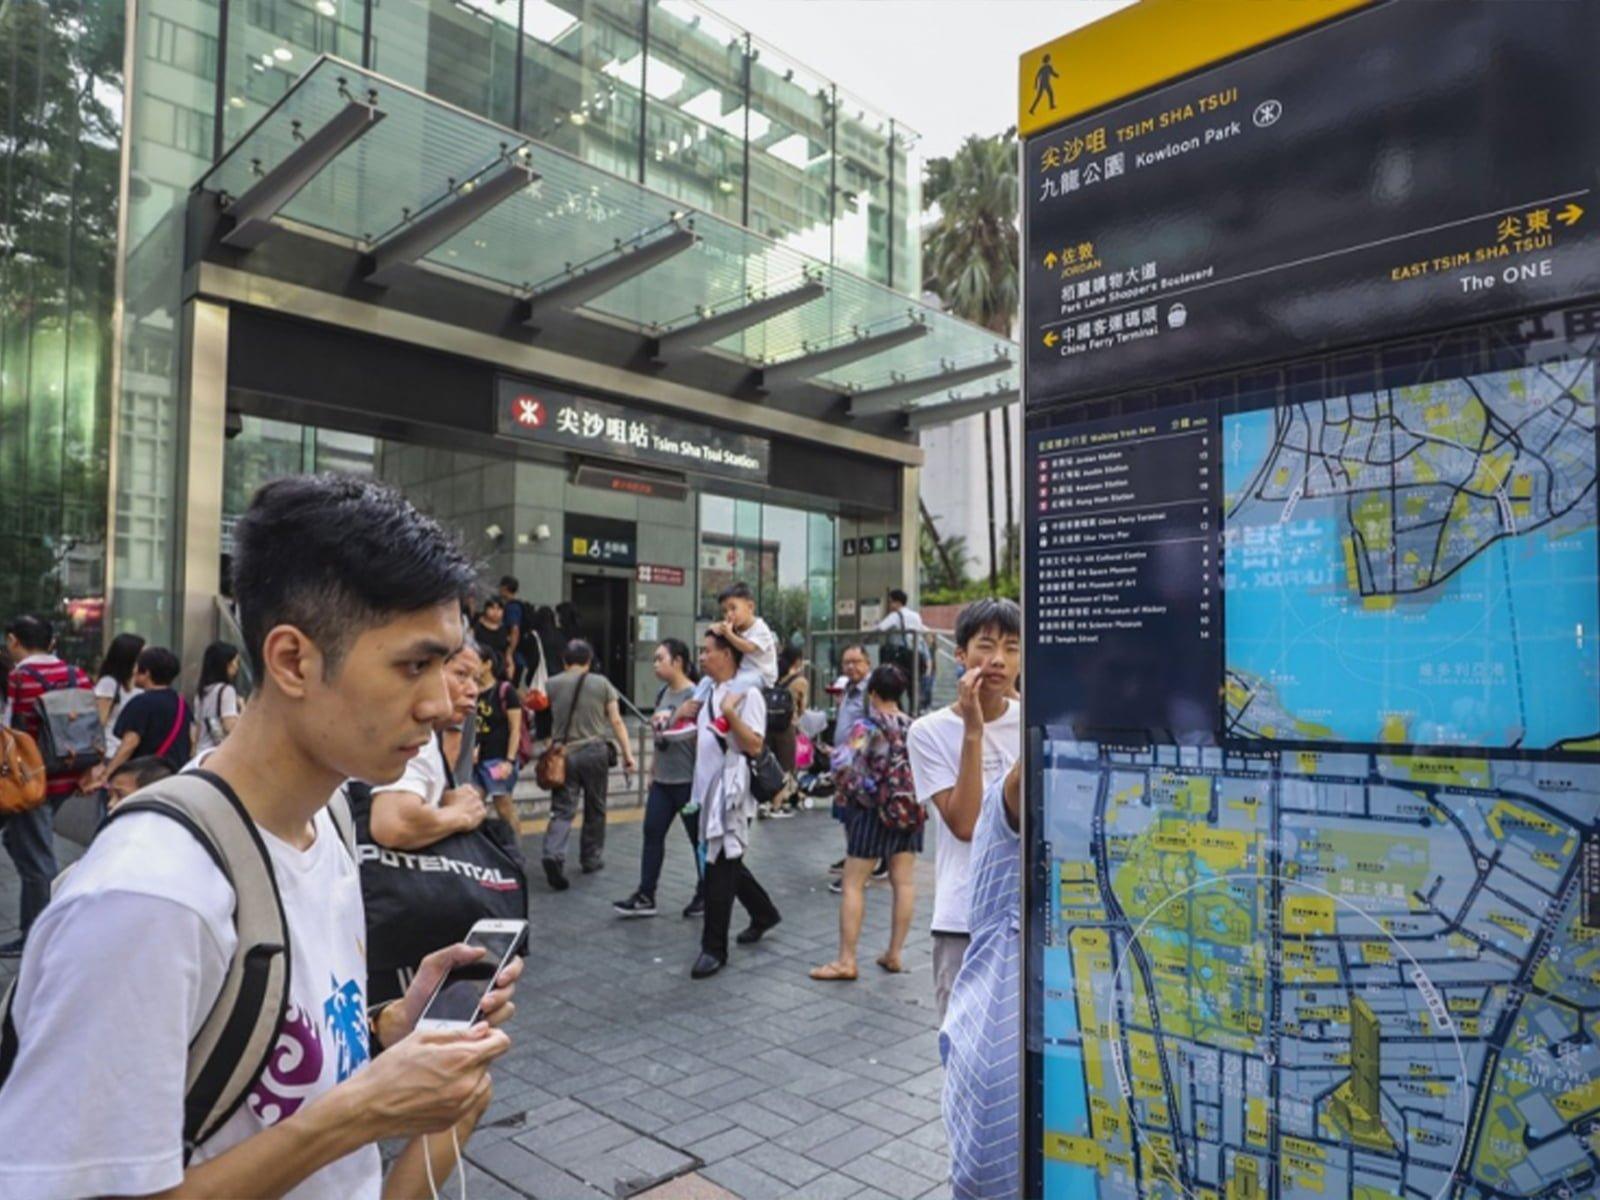 Hong Kong wayfinding system